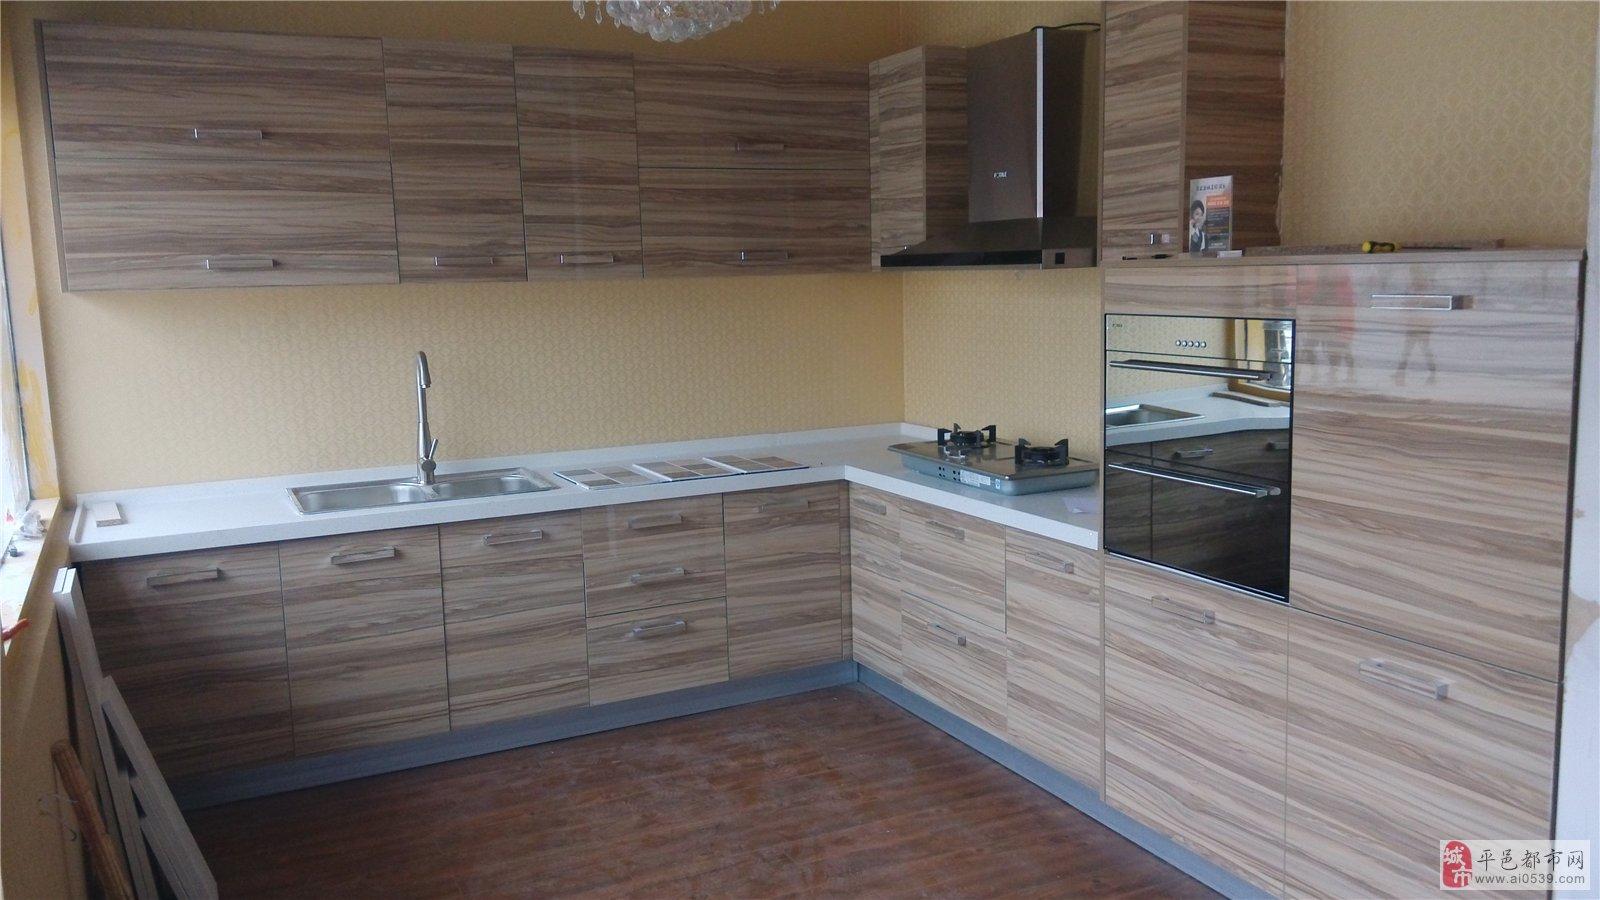 冒险岛2厨房设计图展示